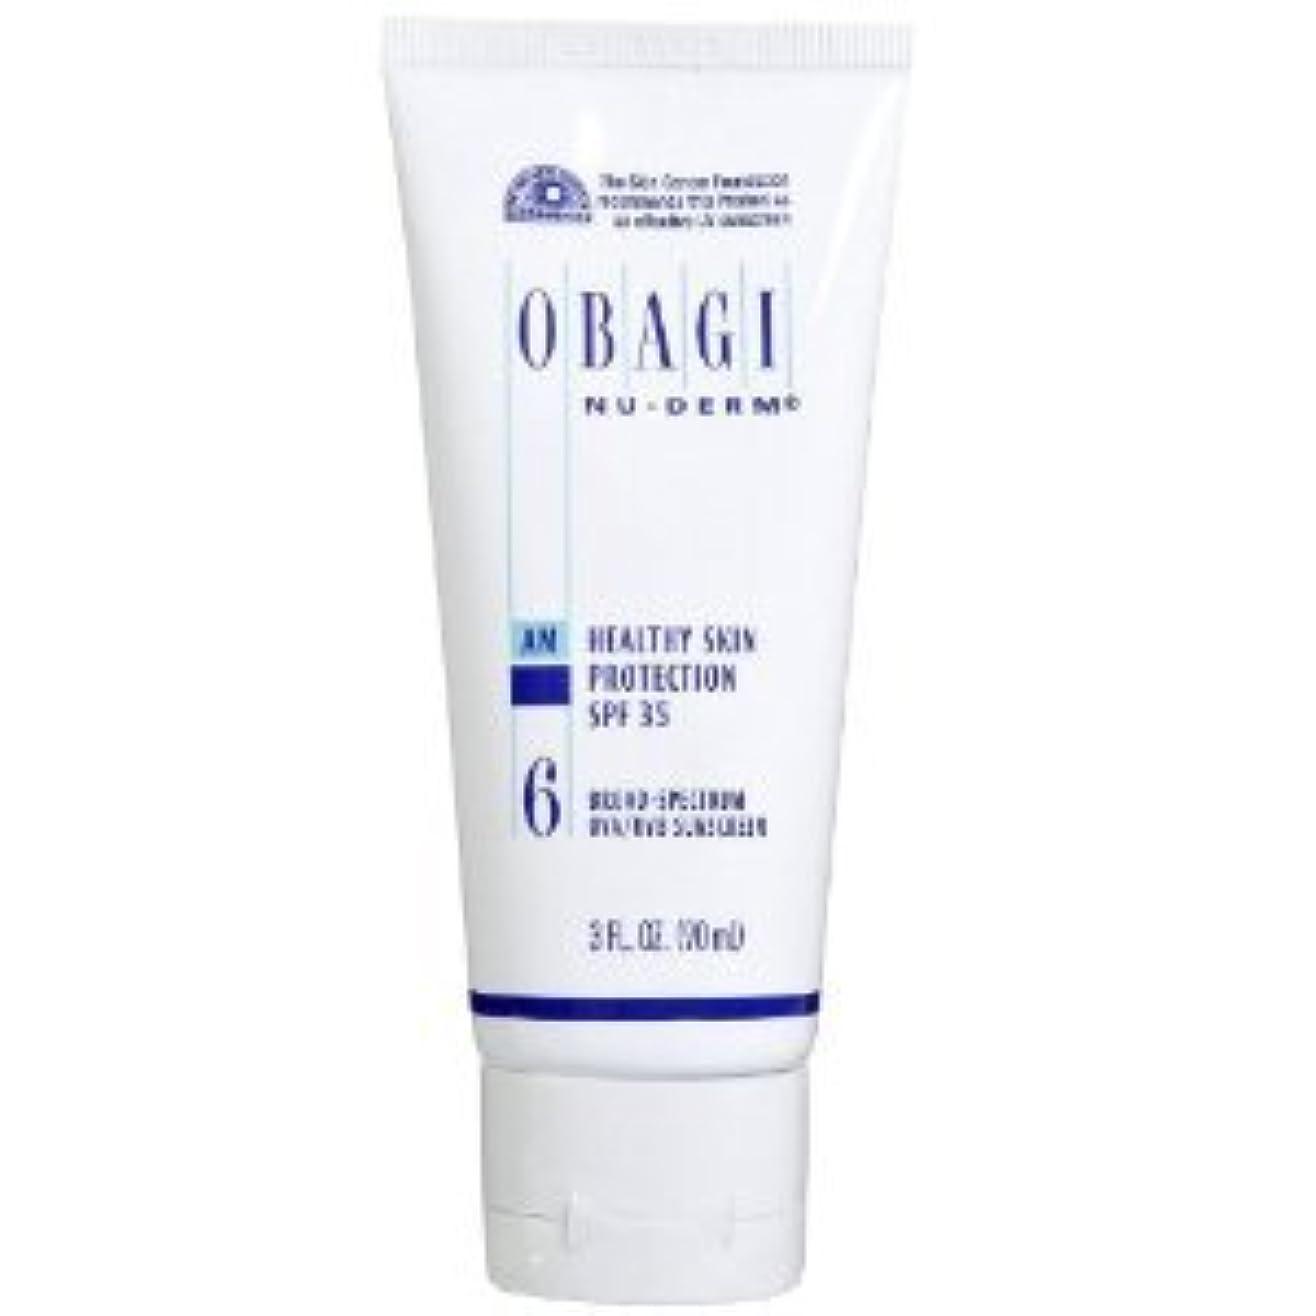 方程式ソフィーコイルオバジ ニューダーム スキンプロテクション サンスクリーン(SPF35) Obagi Nu-Derm Healthy Skin Protection SPF 35 Sunscreens